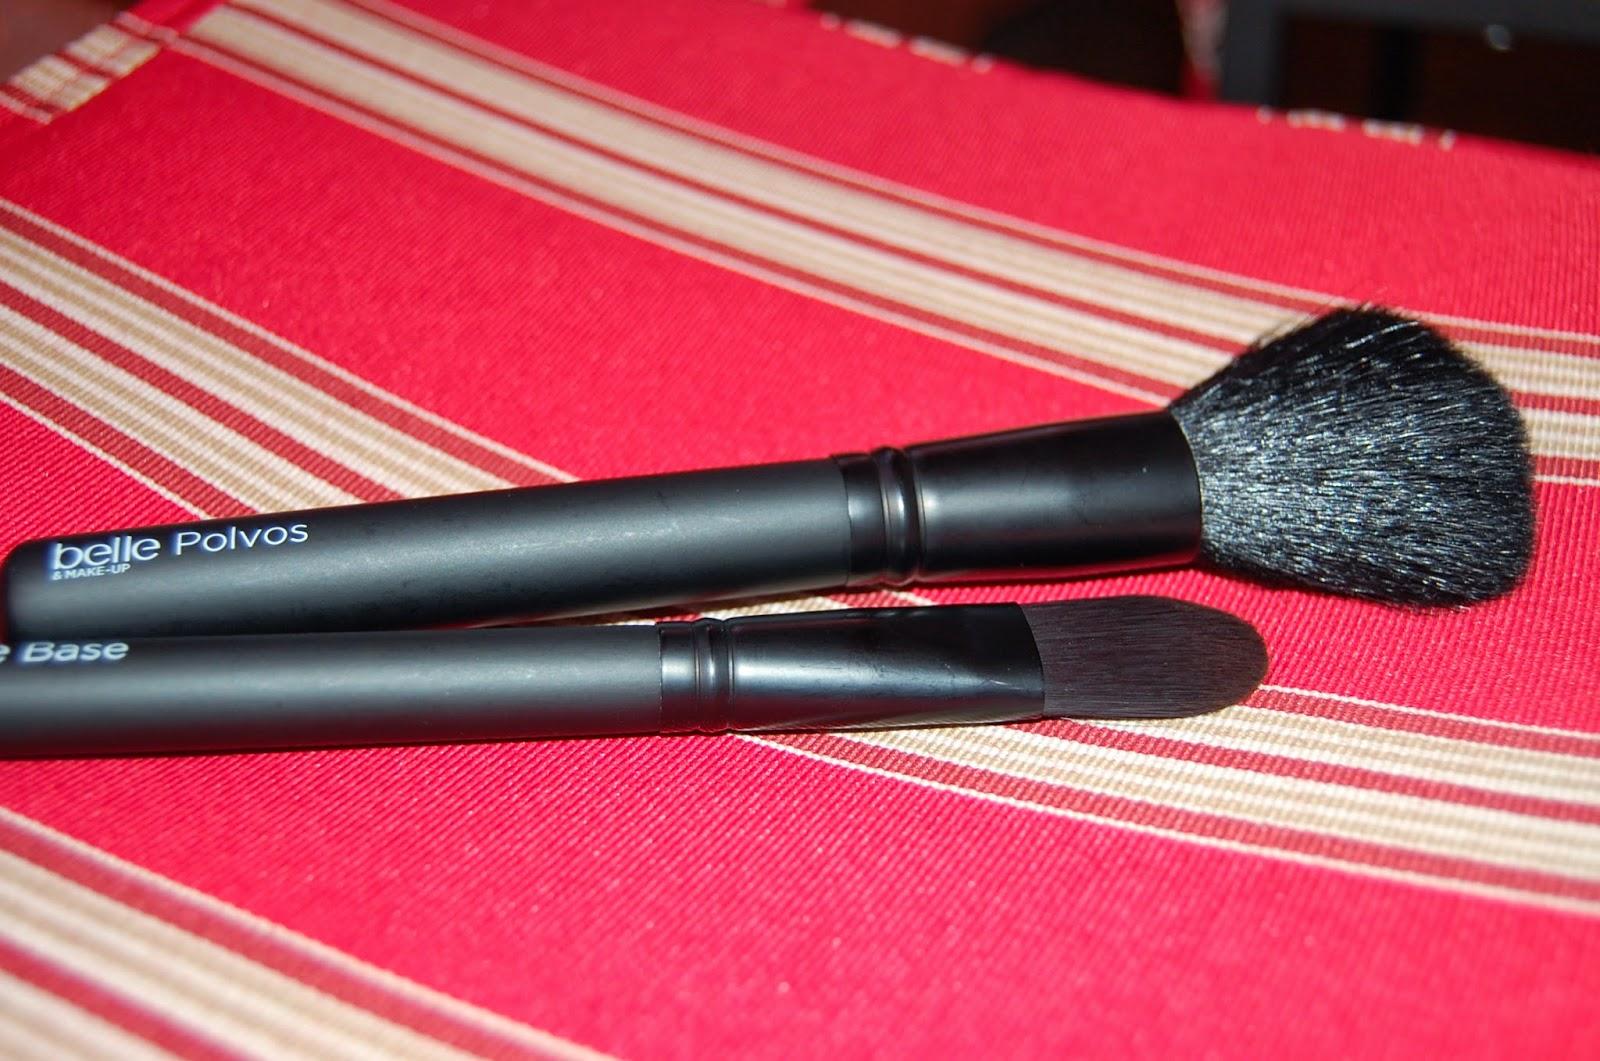 Colección accesorios Belle&Make Up